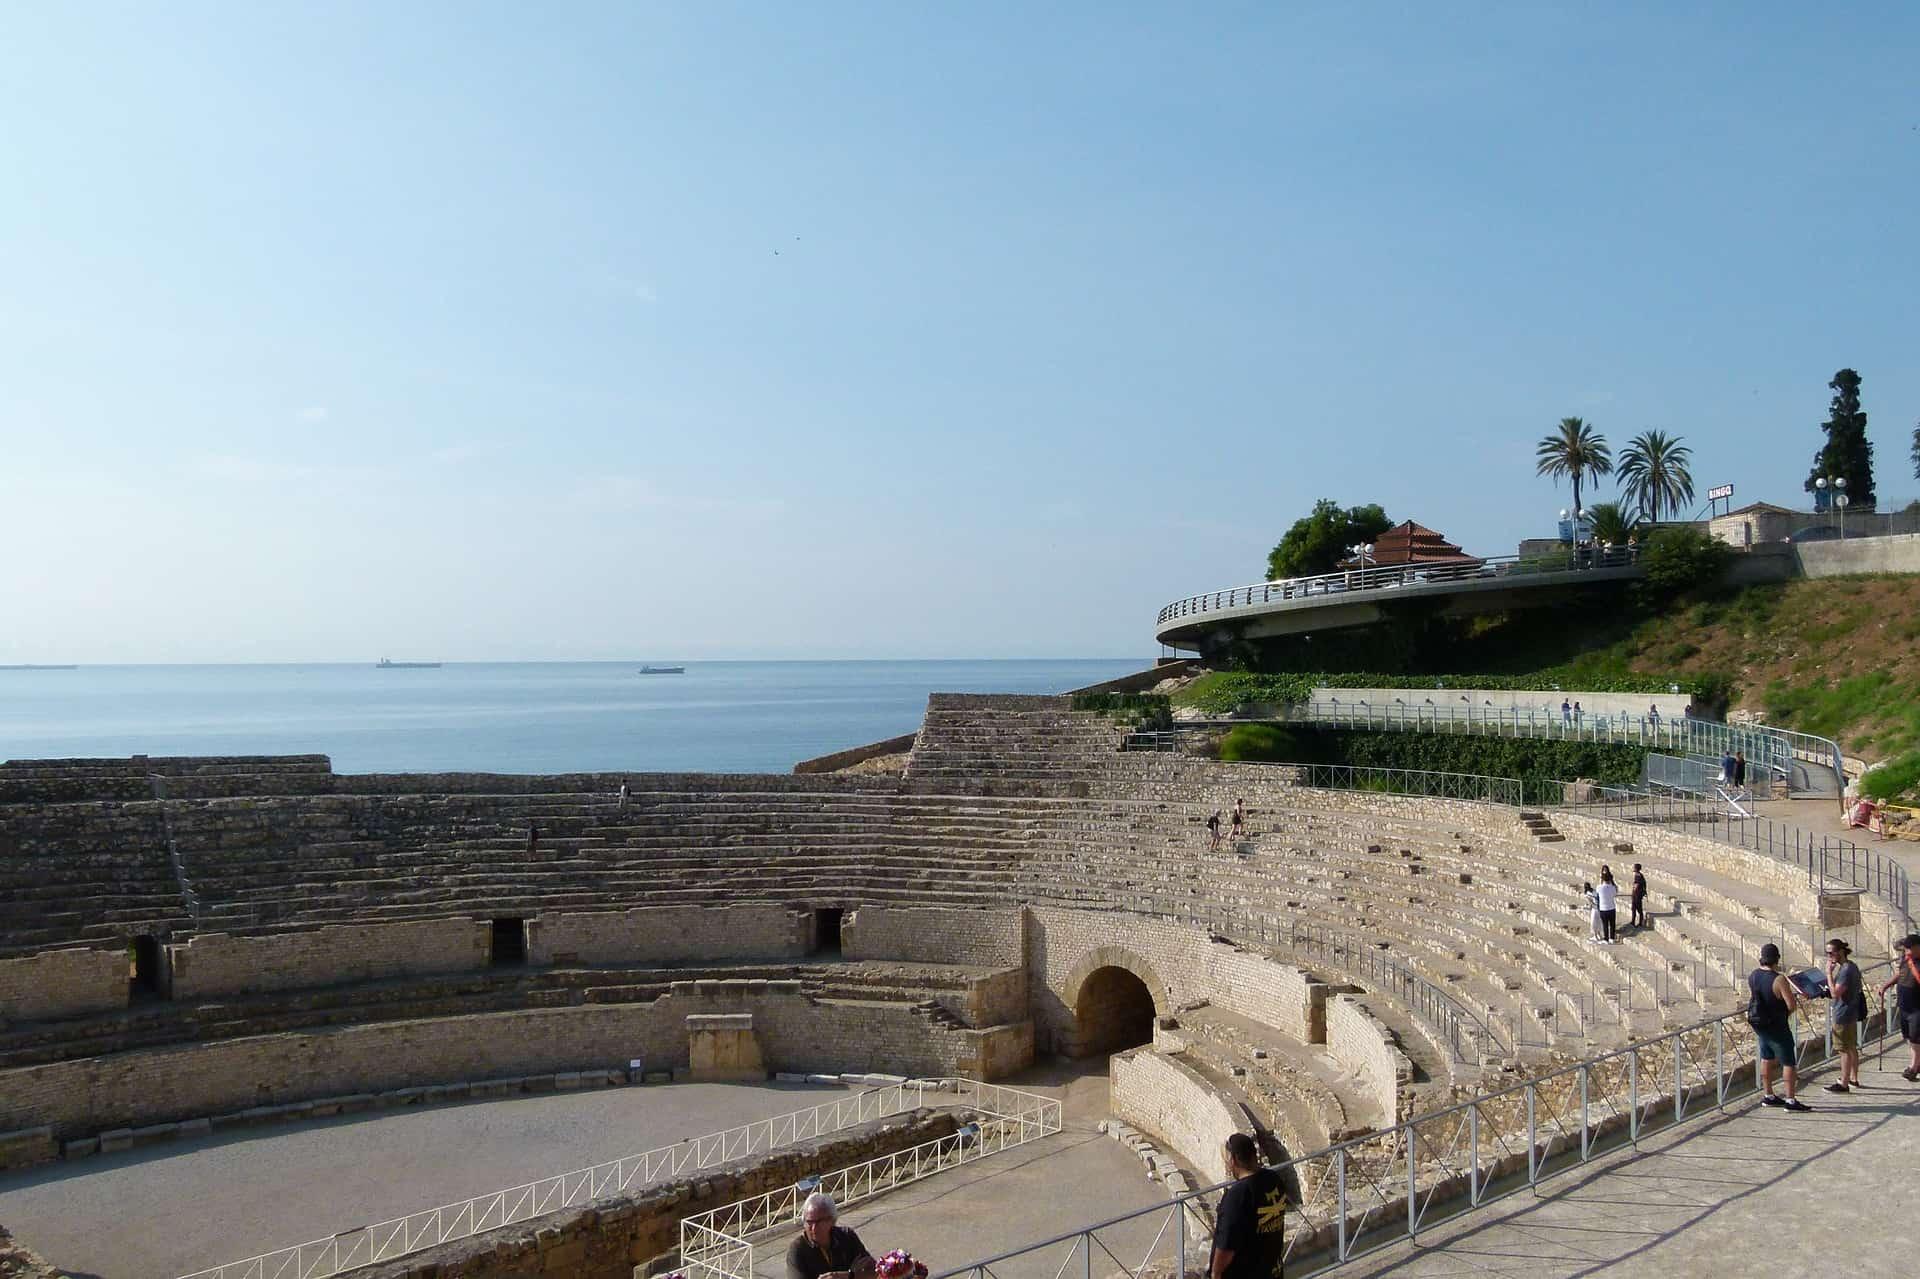 Flüge nach Tarragona - ab 3,99€ an die Costa Daurada